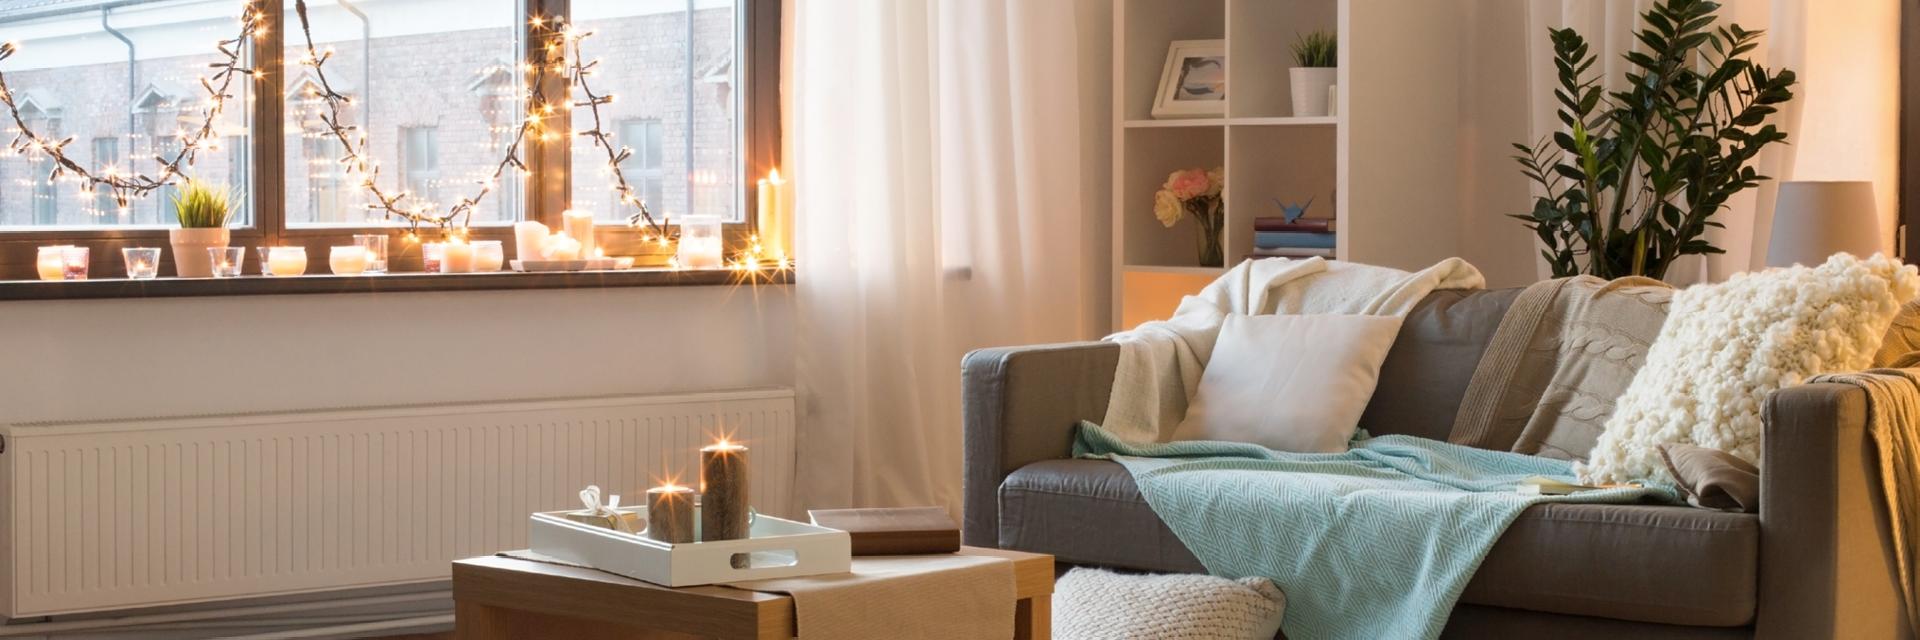 Heimeligkeit und Gemütlichkeit sind das A und O bei der Wohnungsgestaltung, denn Zuhause soll ein Ort des Wohlfühlens sein. Dies kann man zum Beispiel mit Lichterketten, dekorativen Kerzengläsern, schönen Kissen und Kuscheldecke auf dem Sofa erreichen.